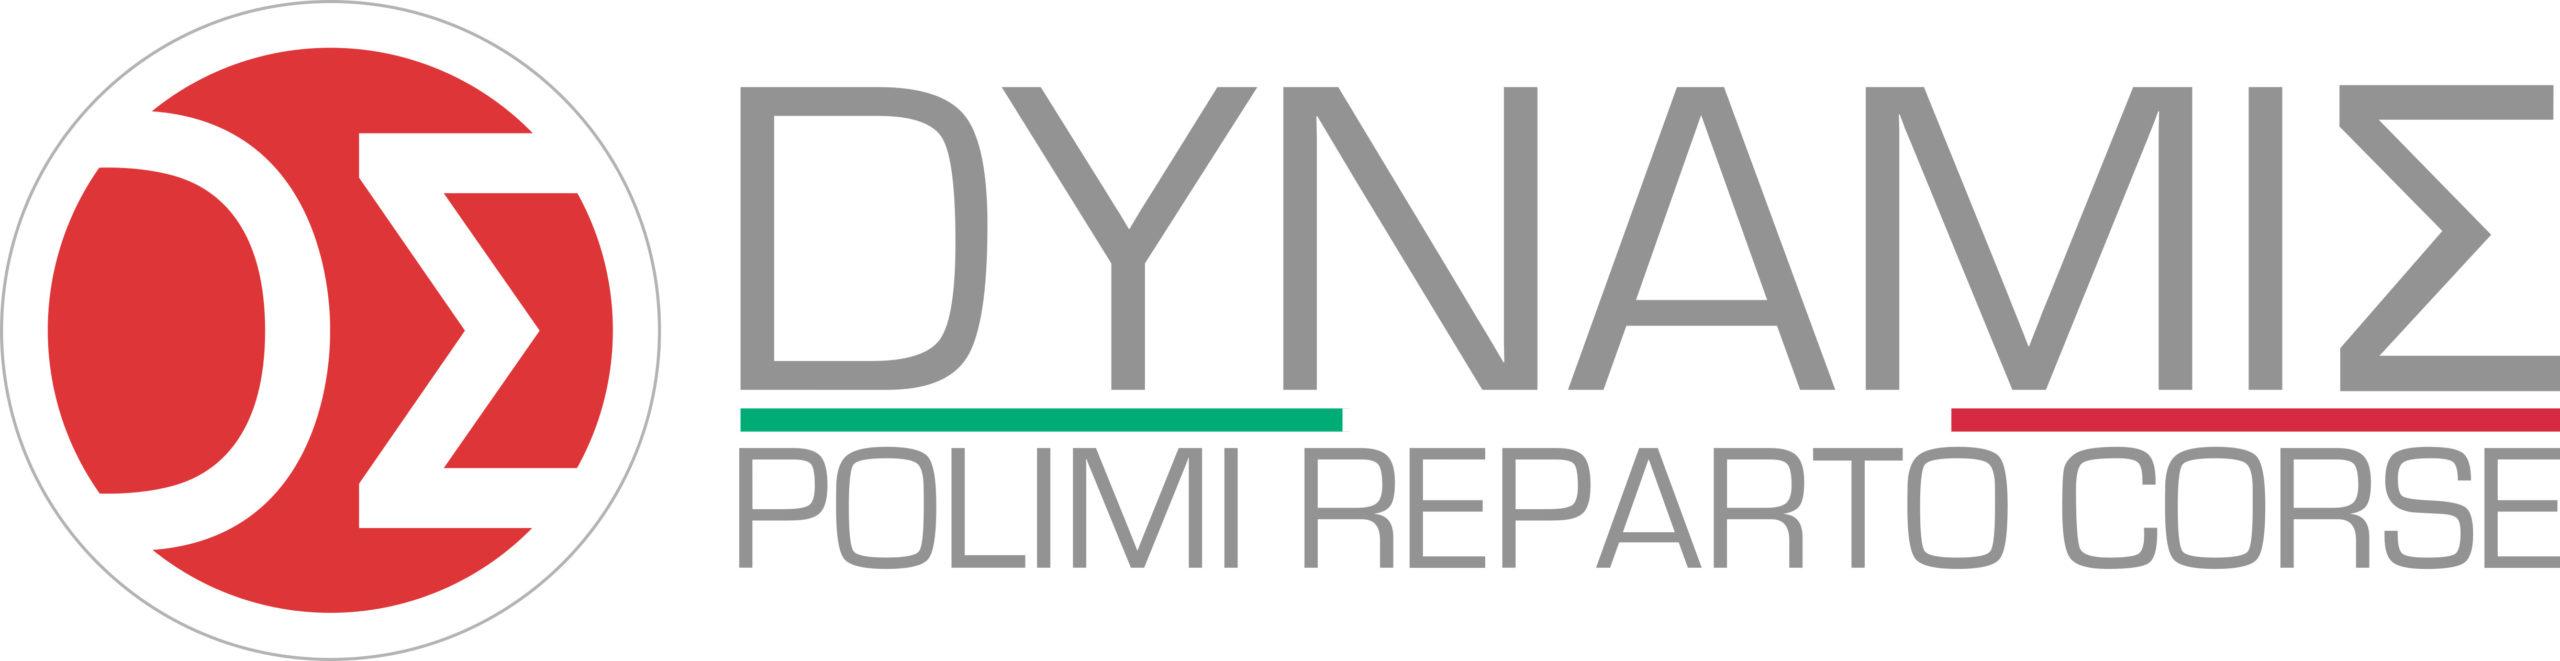 Dynamics PRC Politecnico di Milano